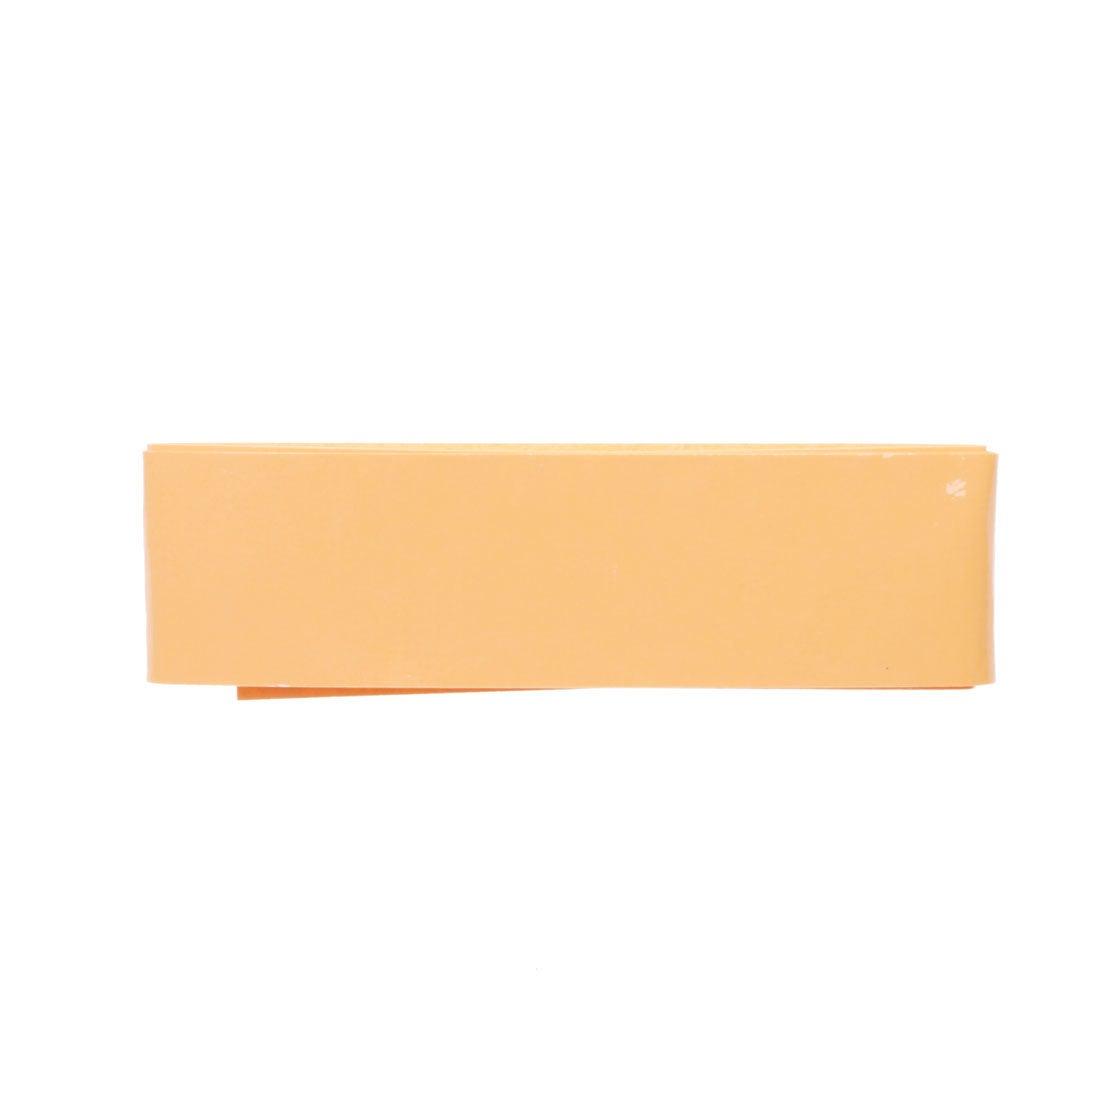 イグニオ IGNIO テニス グリップテープ 2041029207